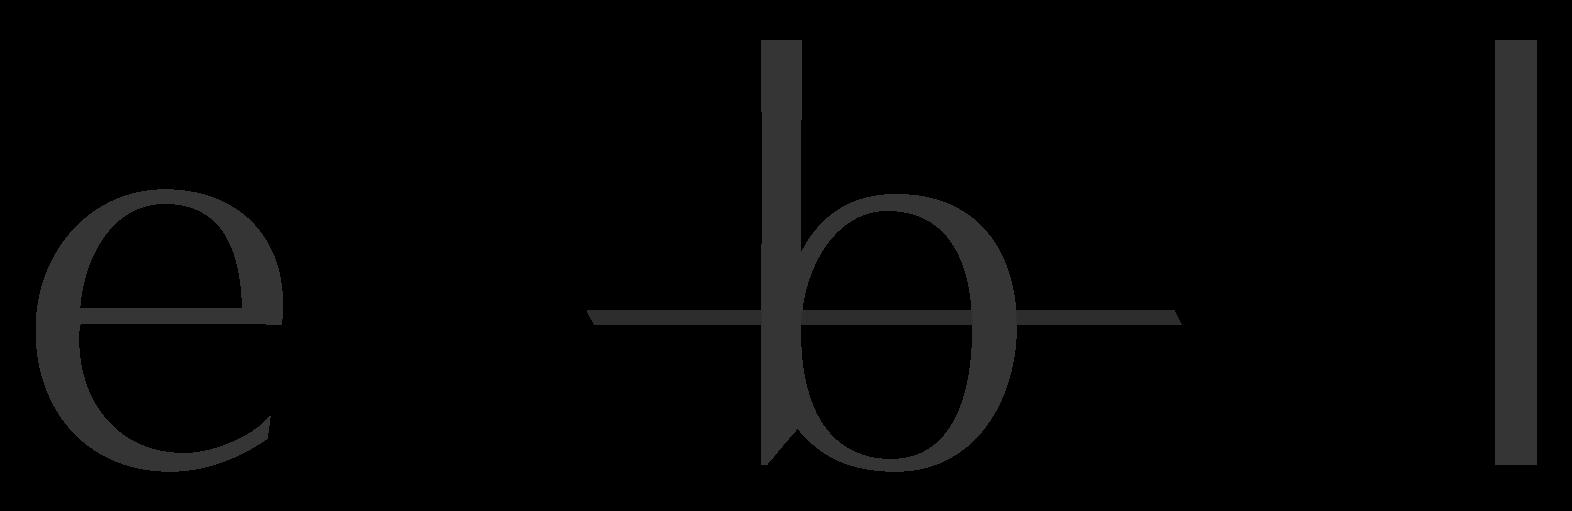 ebl_logo.png